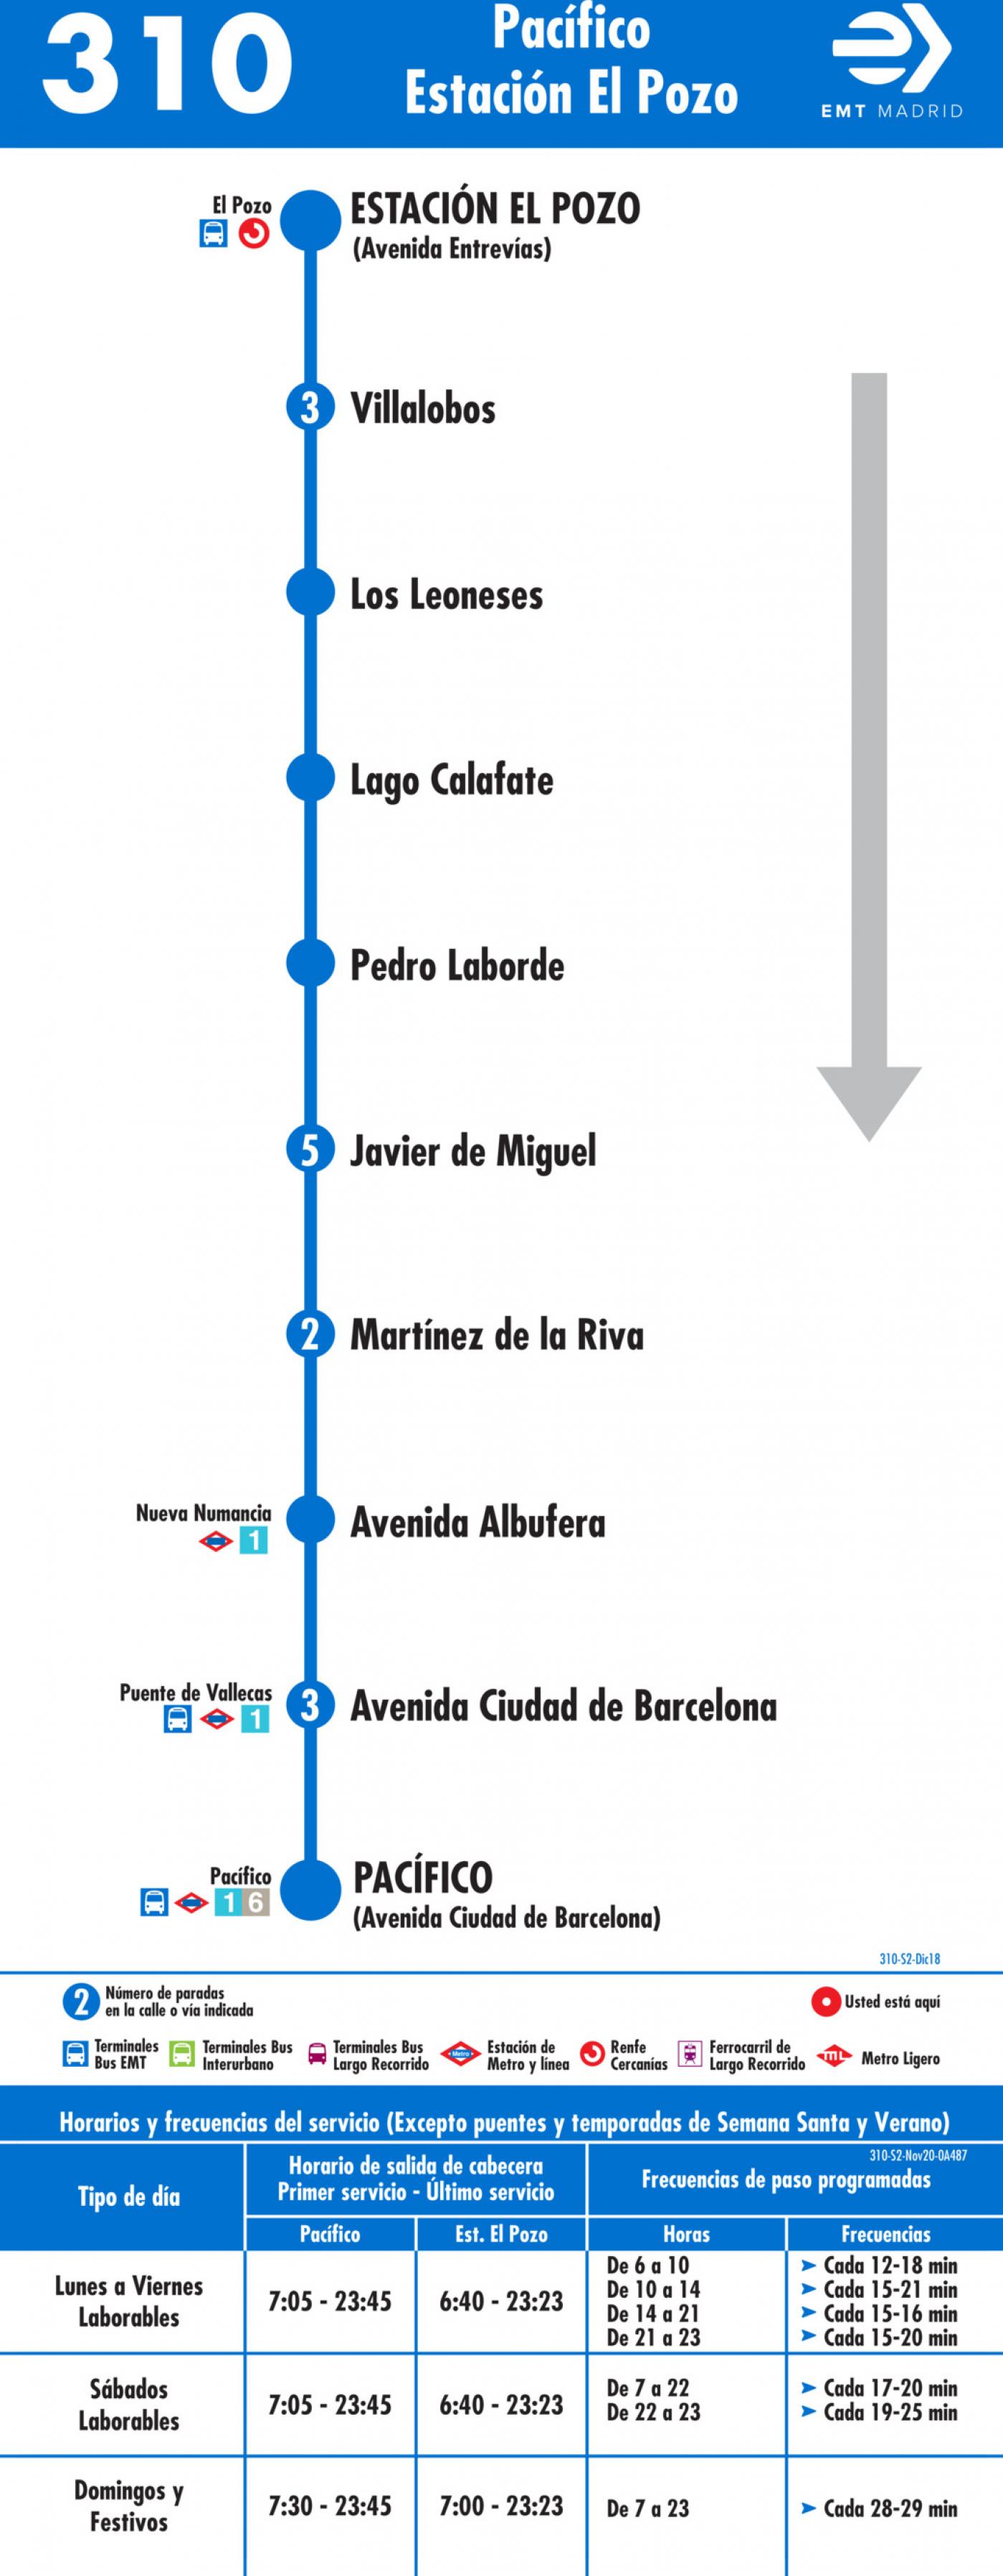 Tabla de horarios y frecuencias de paso en sentido vuelta Línea 310: Pacífico - Estación El Pozo